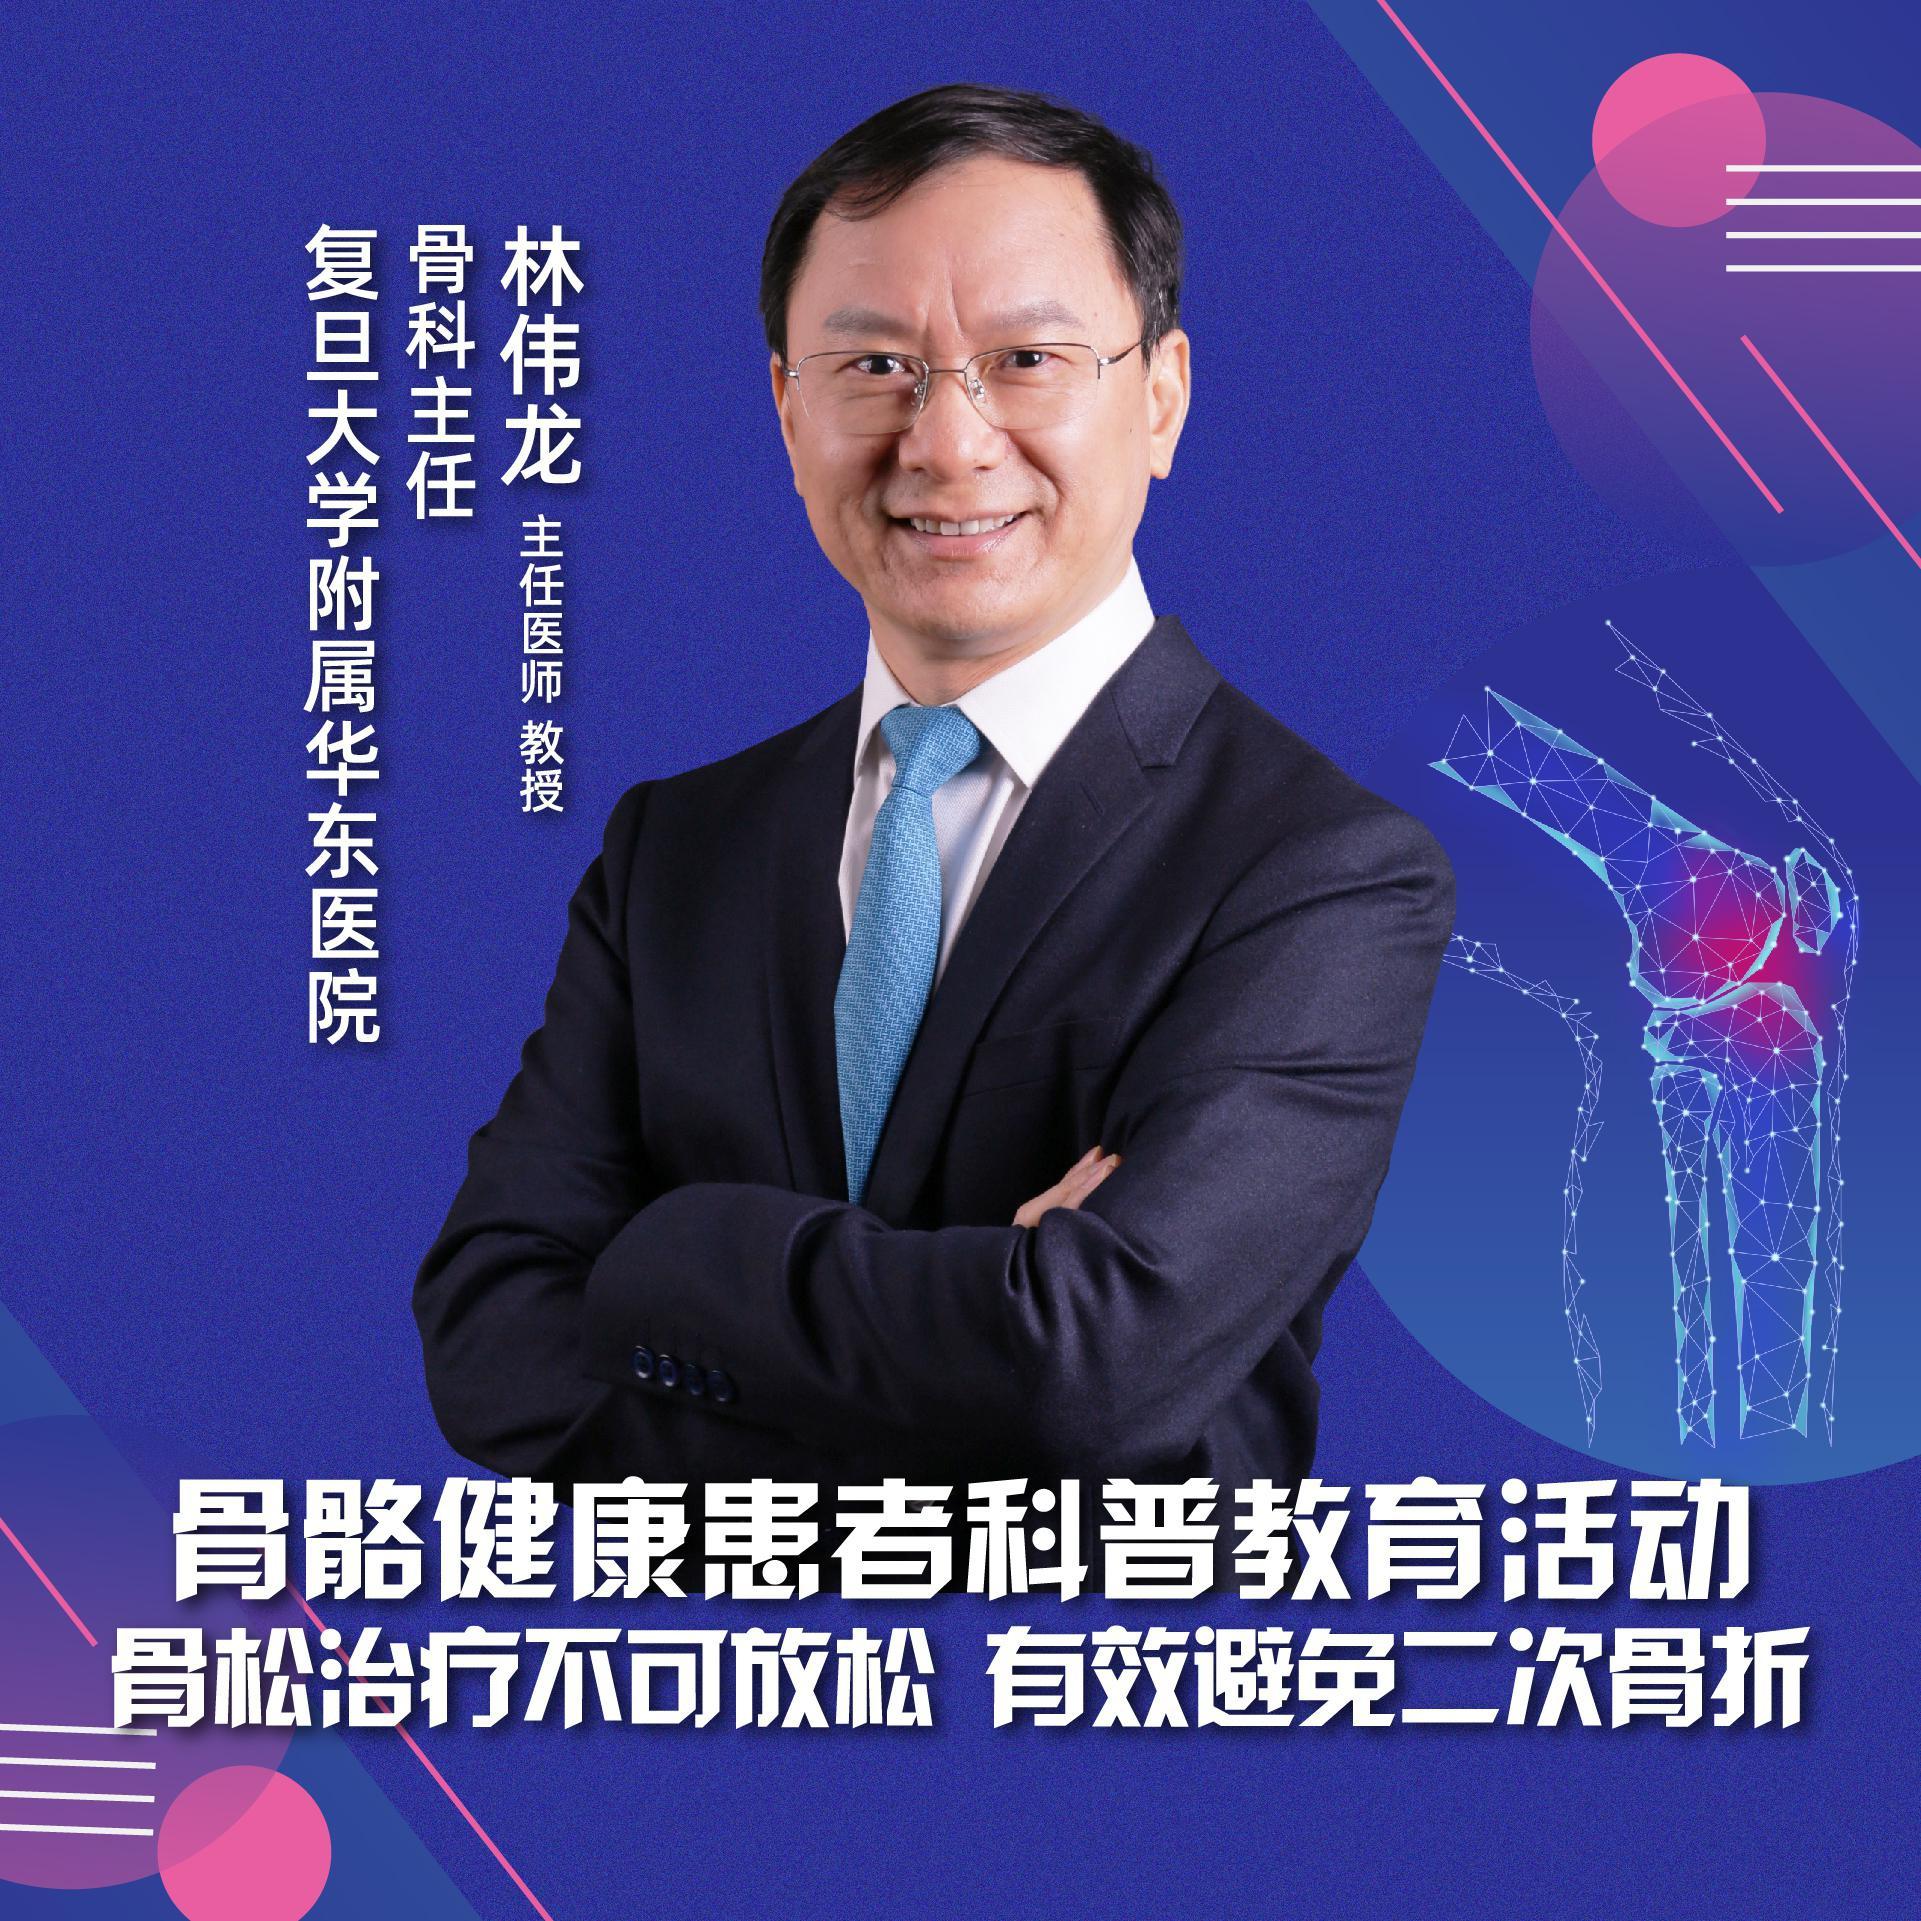 直播|华东医院林伟龙:骨松治疗不可放松,有效避免二次骨折